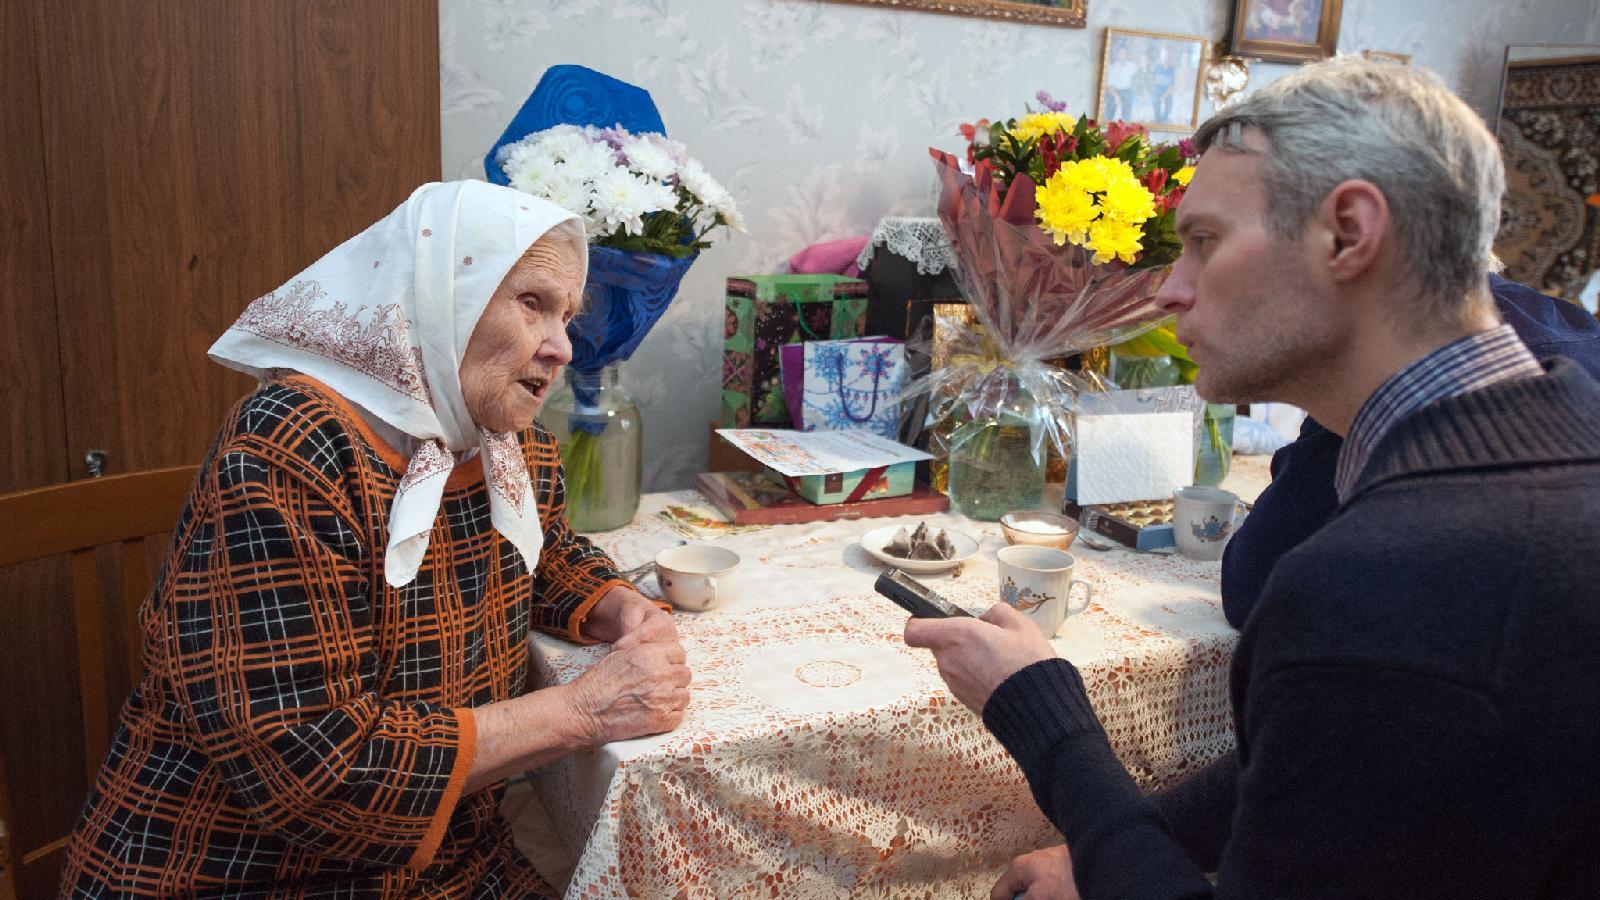 Журналист «ОГ» Станислав Мищенко берет интервью устарейшей жительницы Свердловской области:  Александре Акуловой в2018году исполнилось 108лет